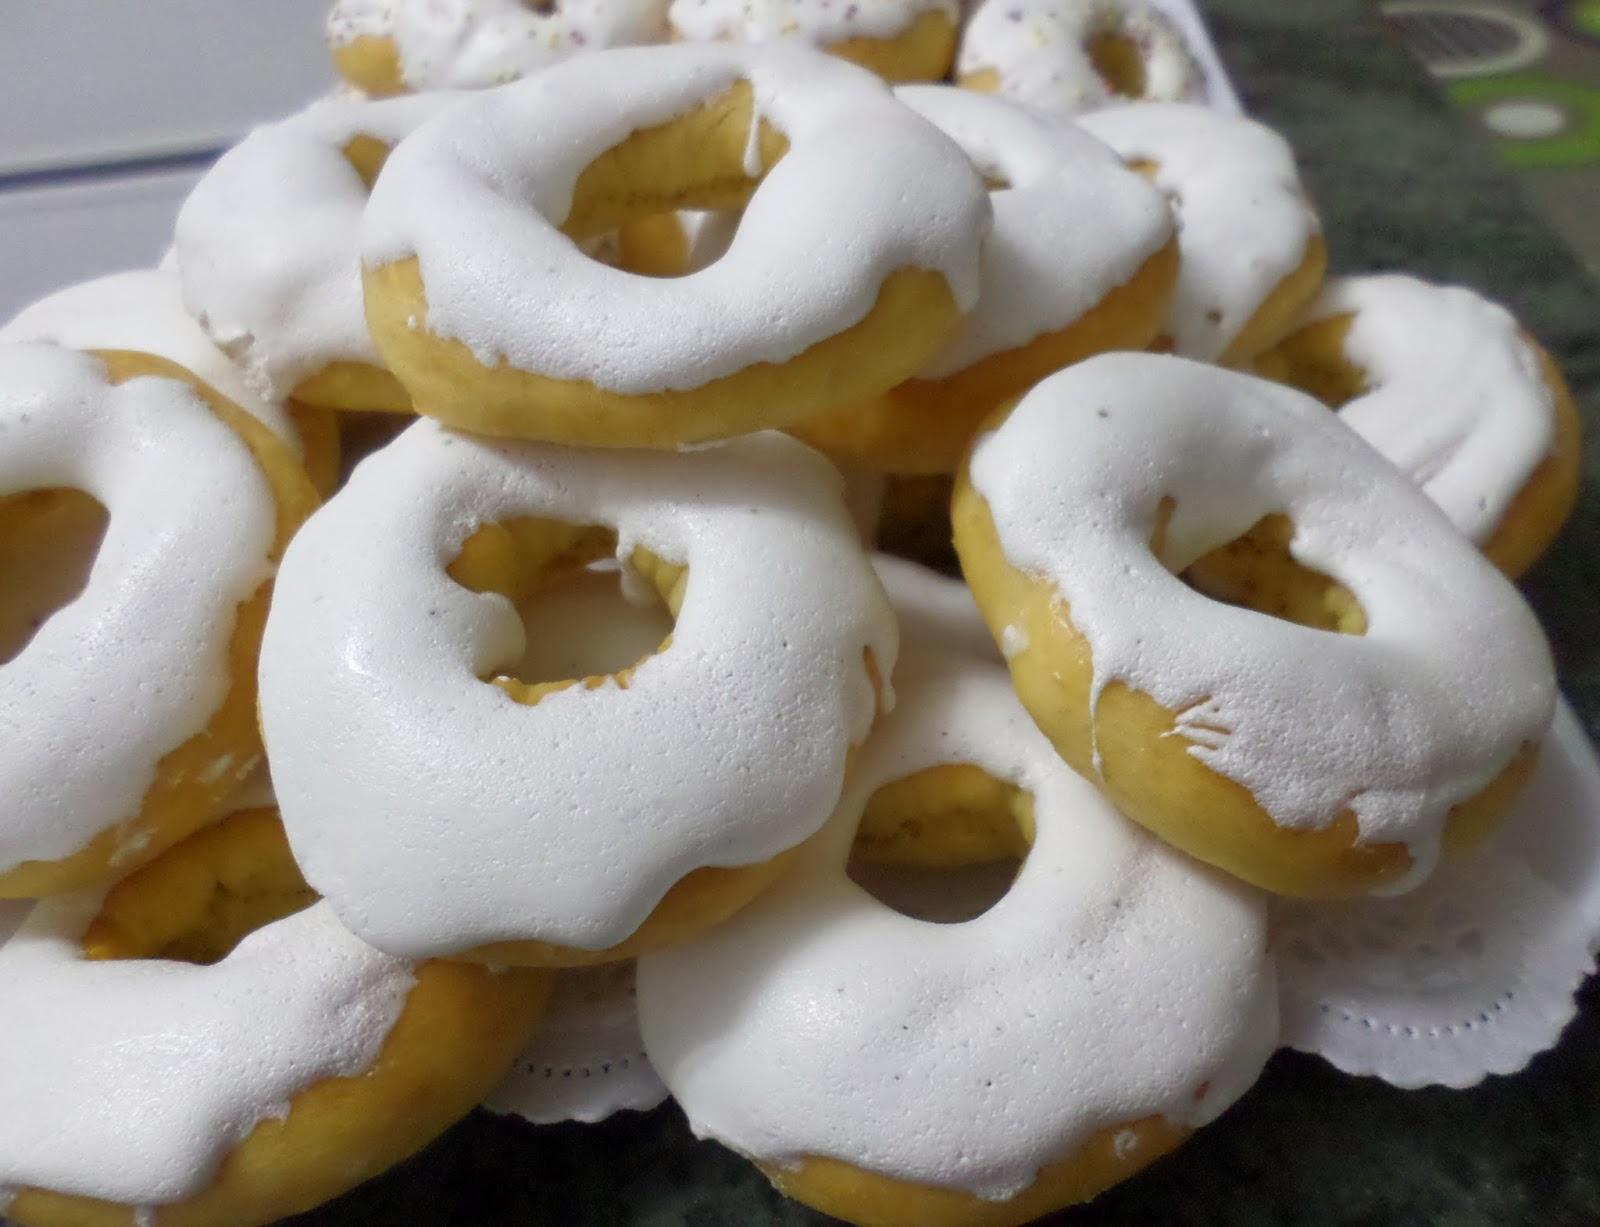 Baño Blanco Rosquillas:Mi pastelería: Rosquillas de San Blas